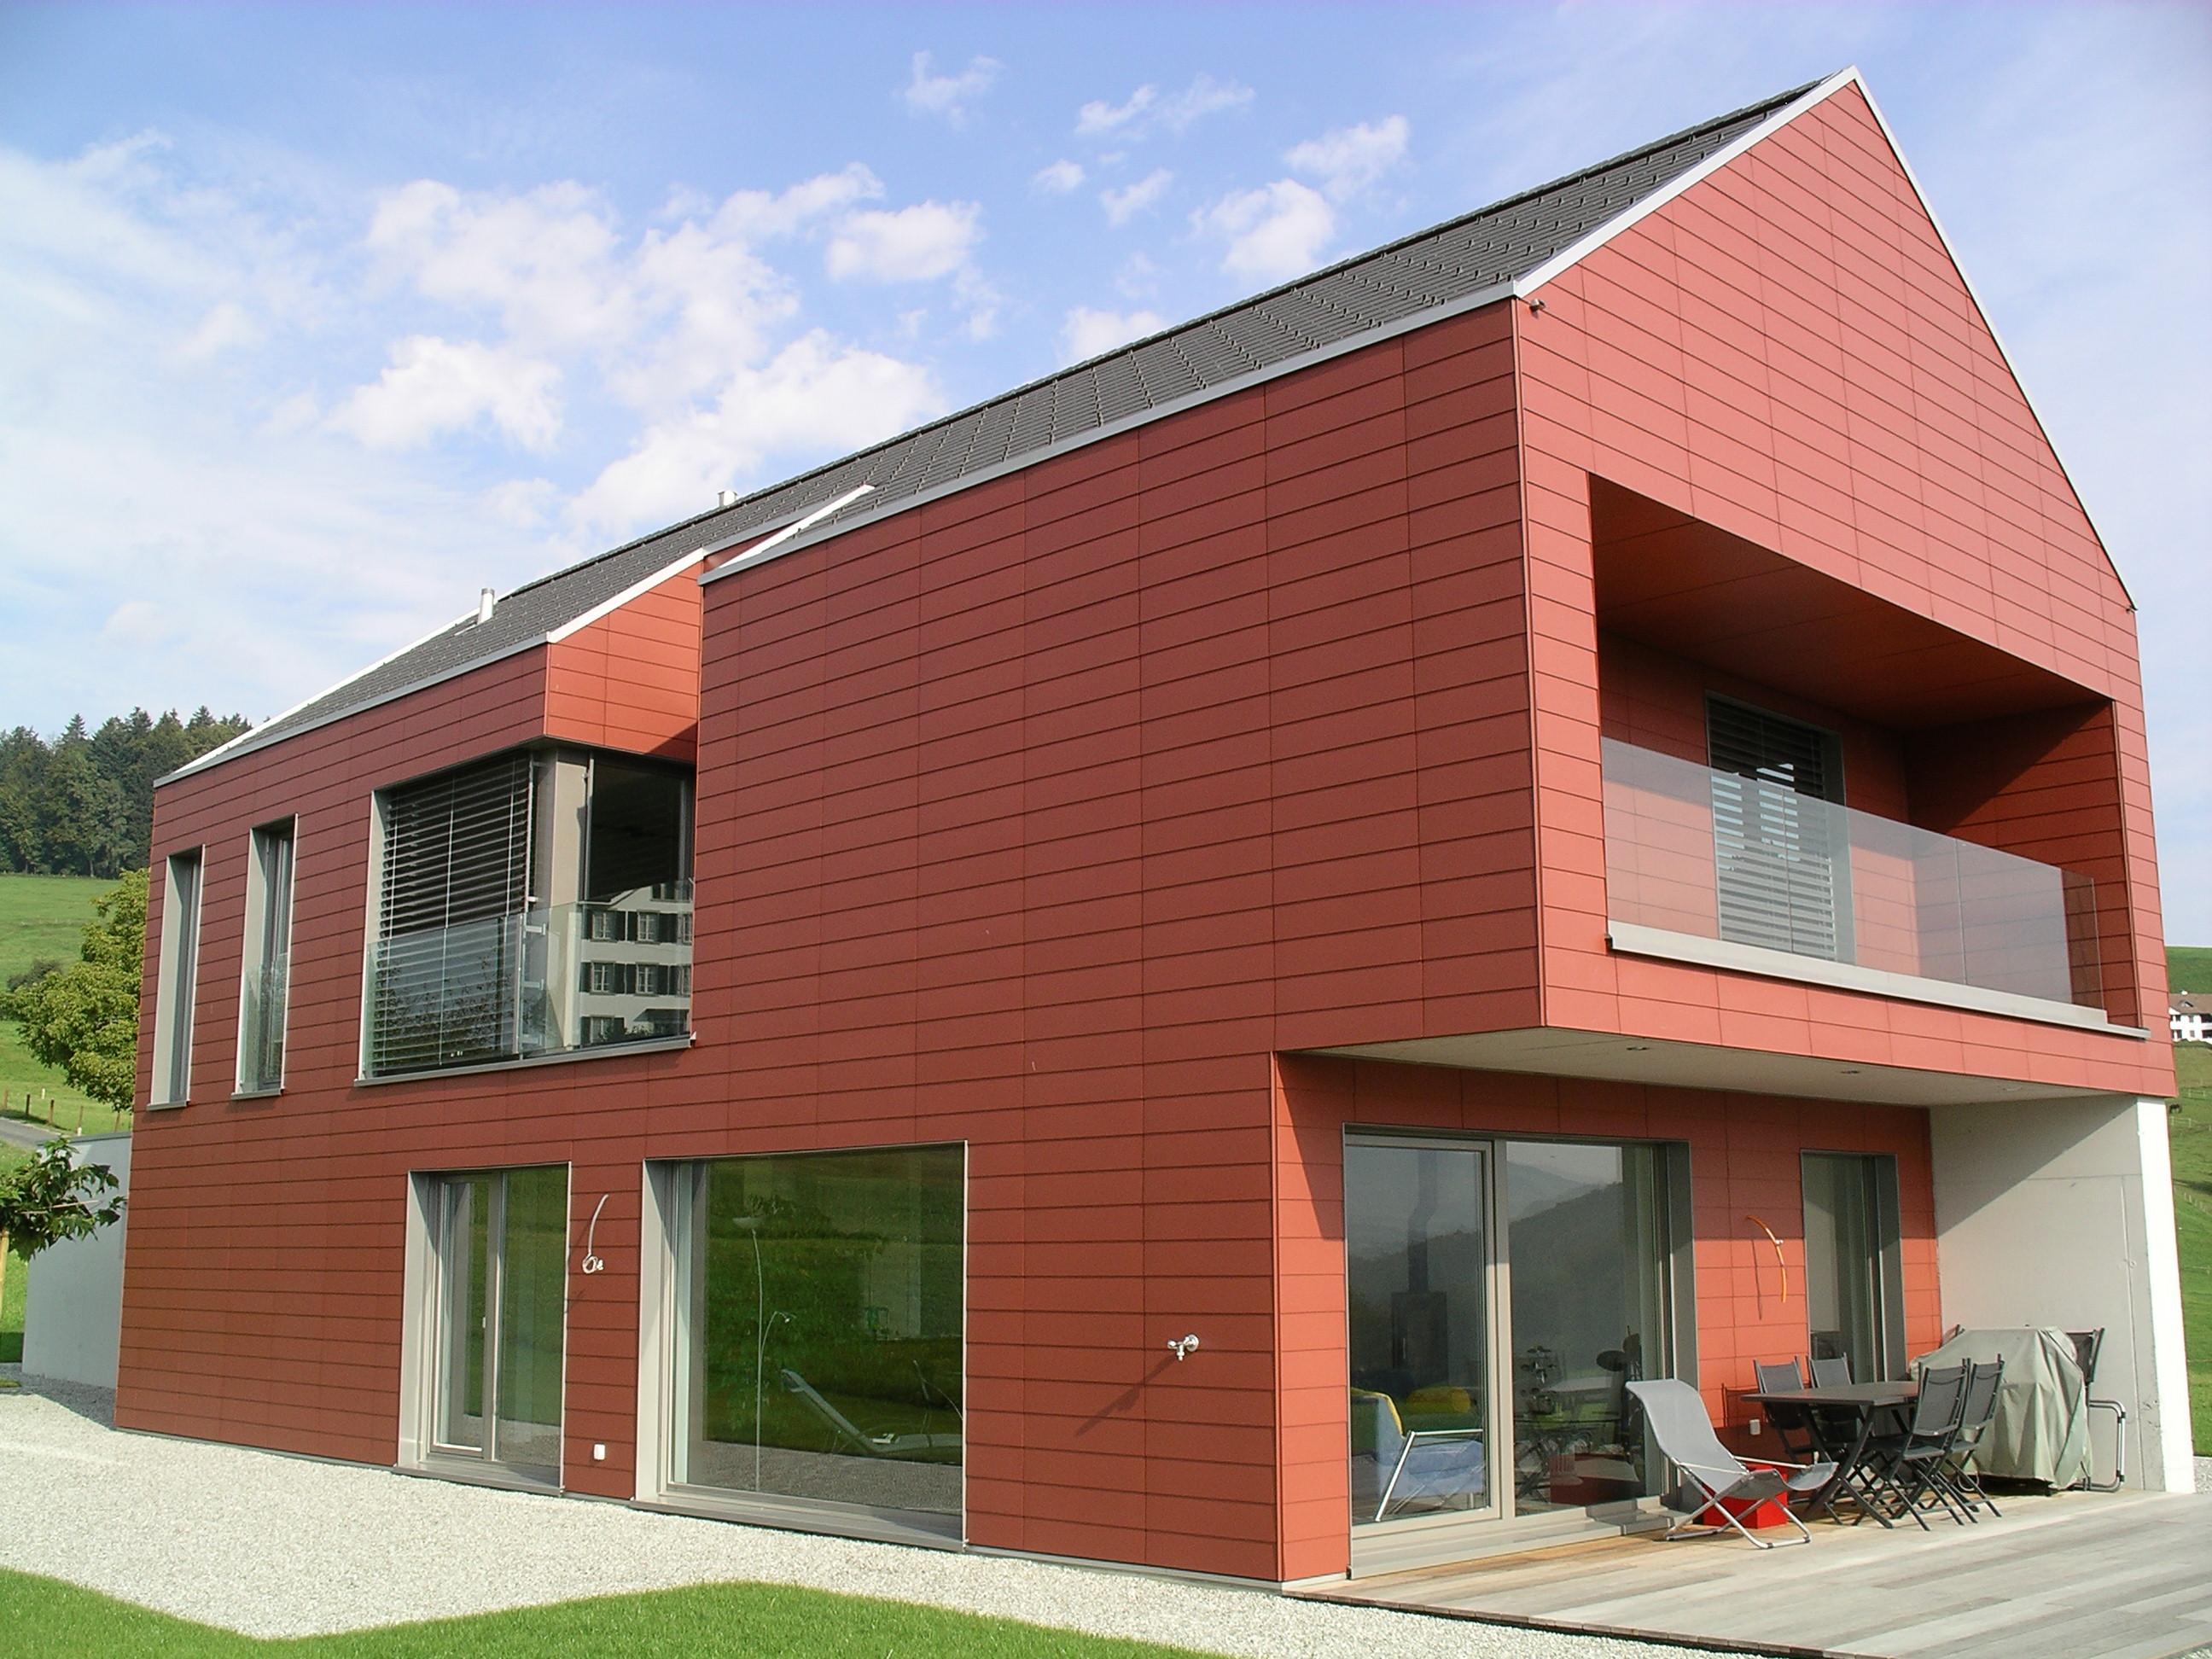 Fassadenvariante für die Moderne